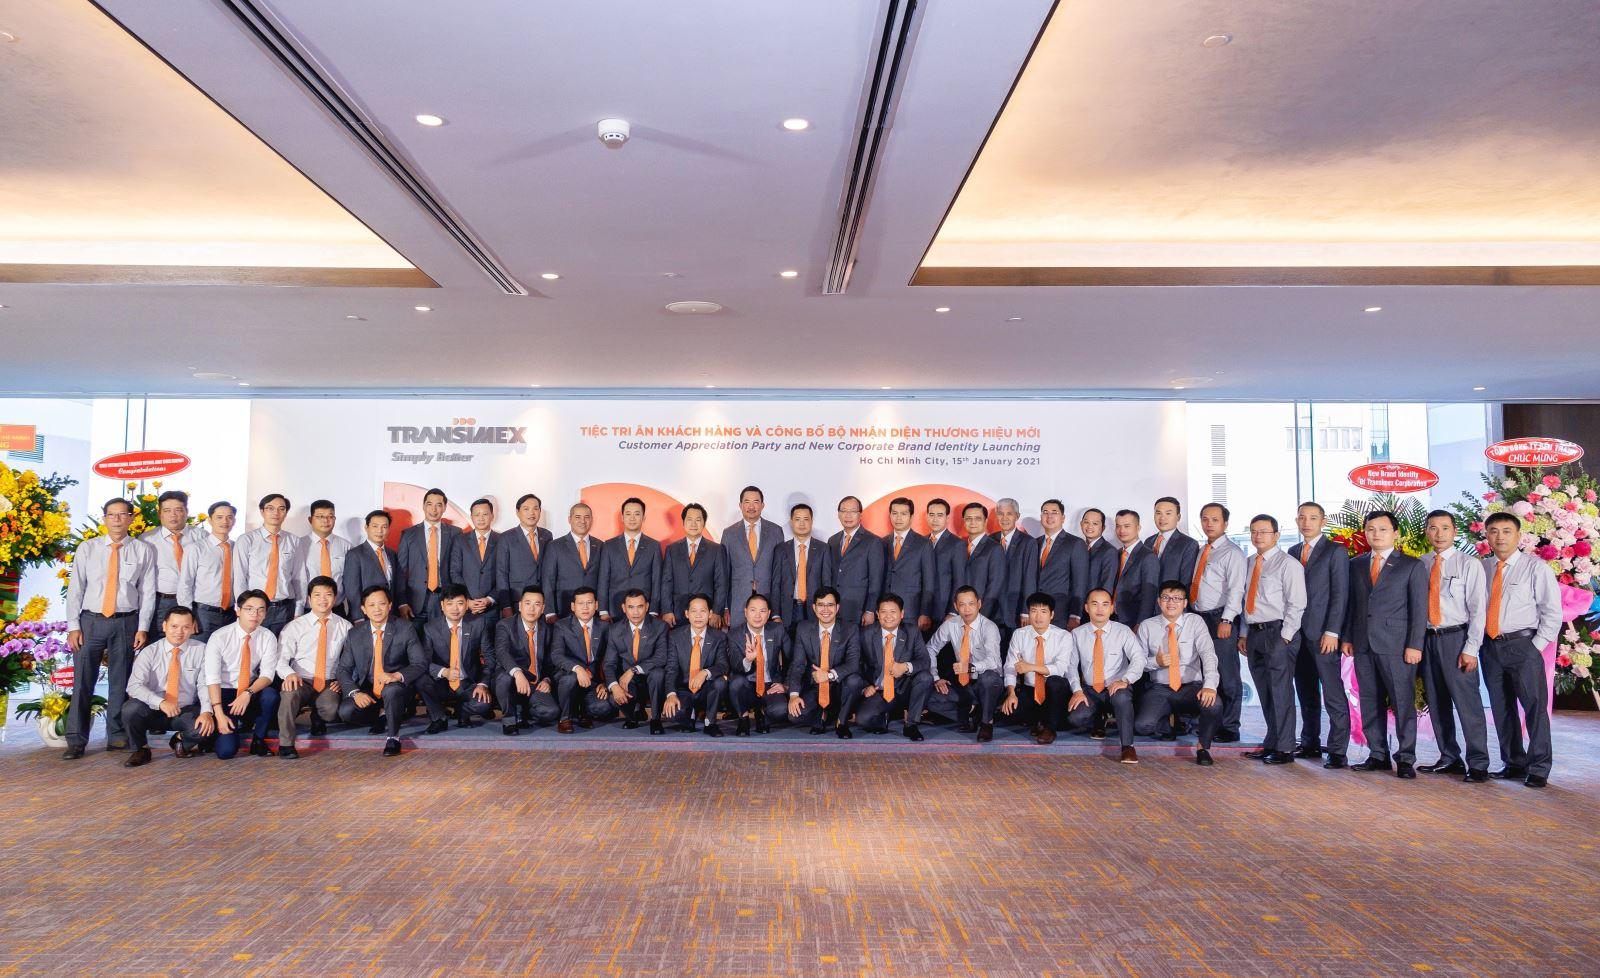 Công ty Cổ phần Transimex tổ chức Tiệc tri ân khách hàng và công bố bộ nhận diện thương hiệu mới